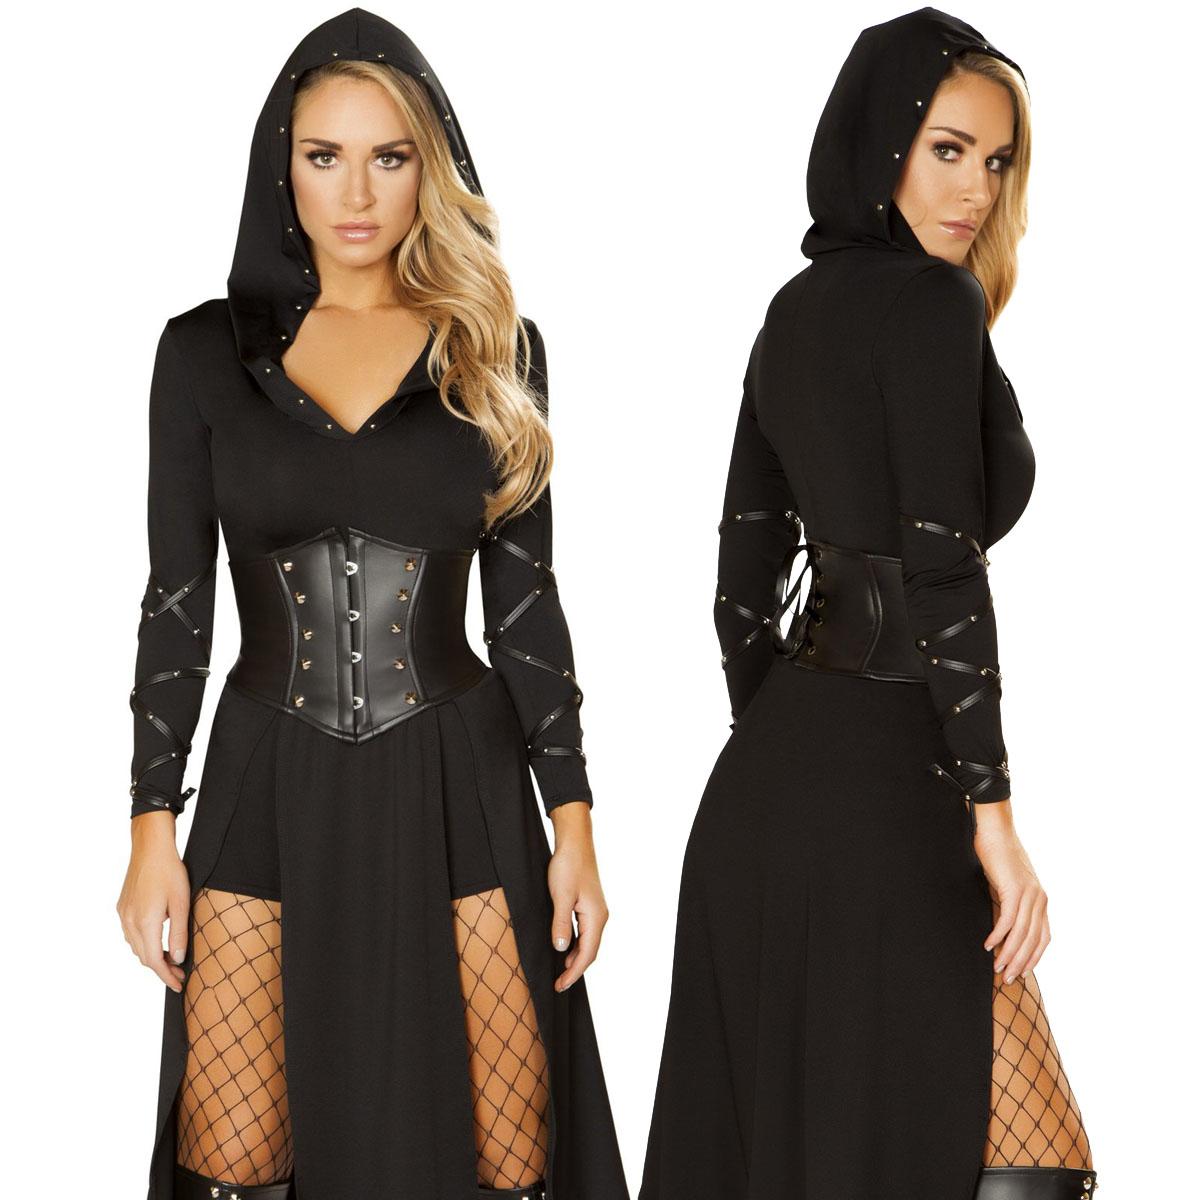 海外ブランド ROMA ローマ ハロウィンコスチューム レディースファッション コスプレ衣装 仮装 アサシンコスチューム3点セット ブラック スタッズ装飾 フード付きアームラップ装飾ドレス 背中レースUPウェストニッパー、ショーツがセット